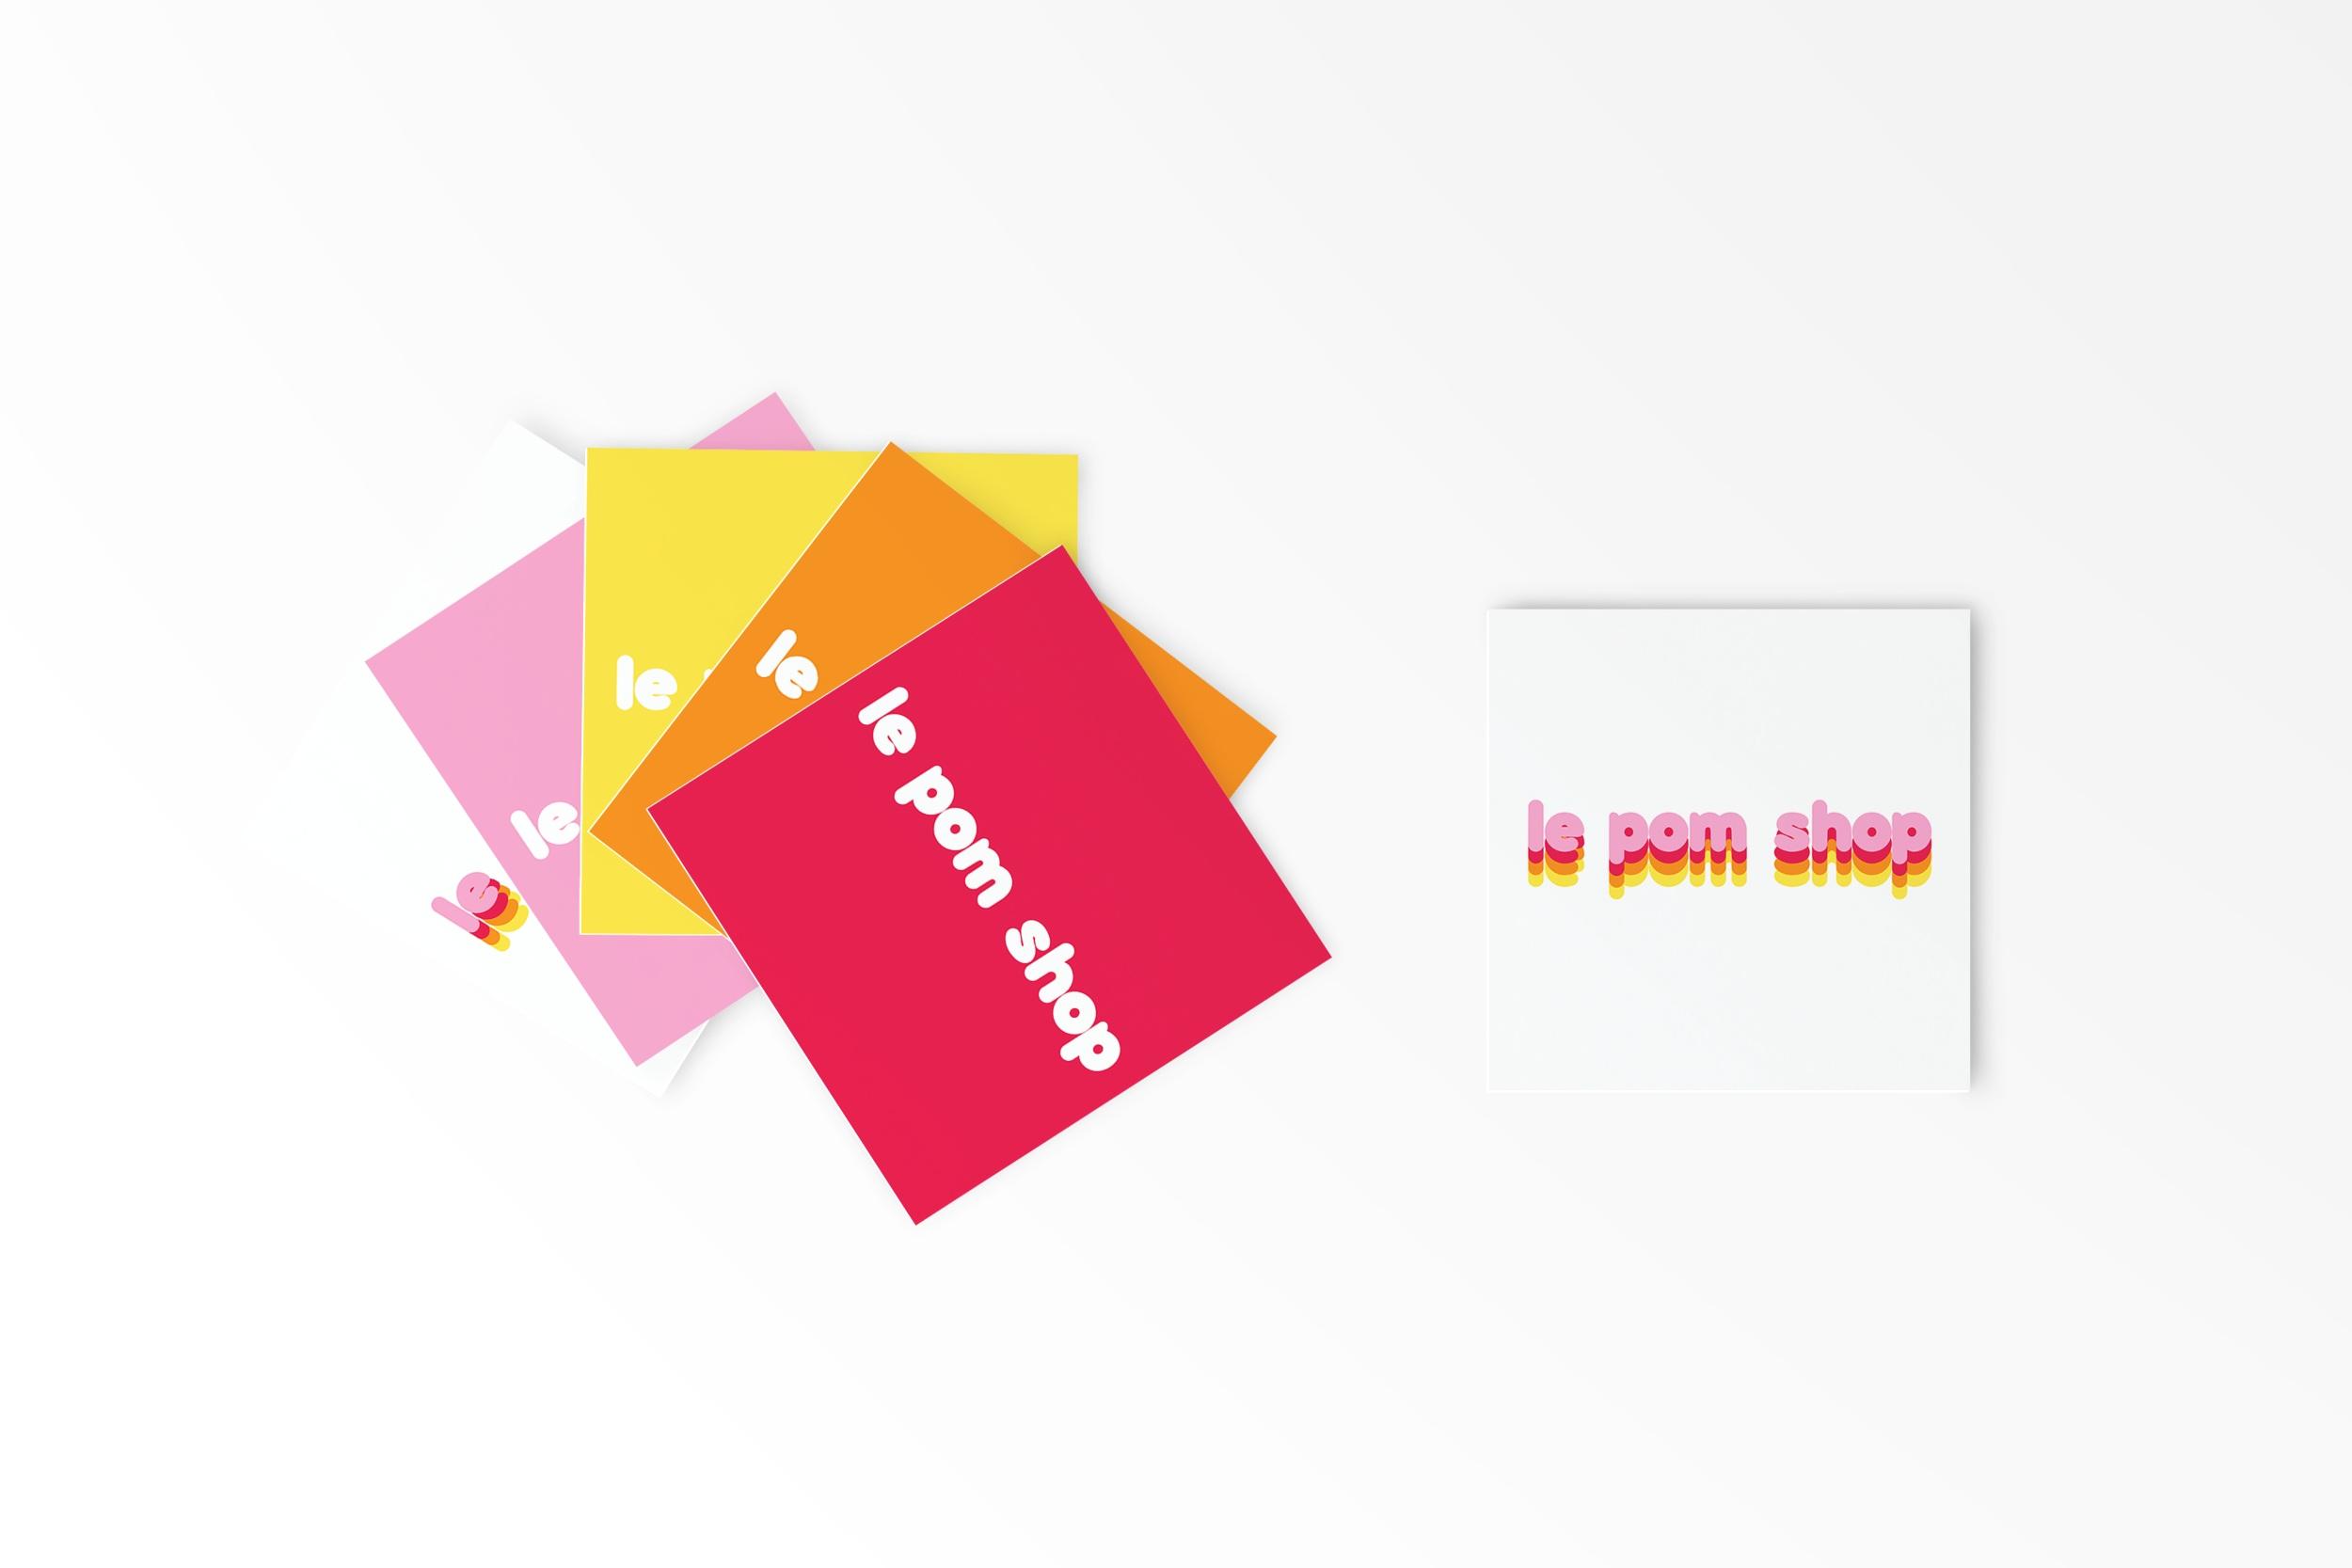 Le Pom Shop square cards.png